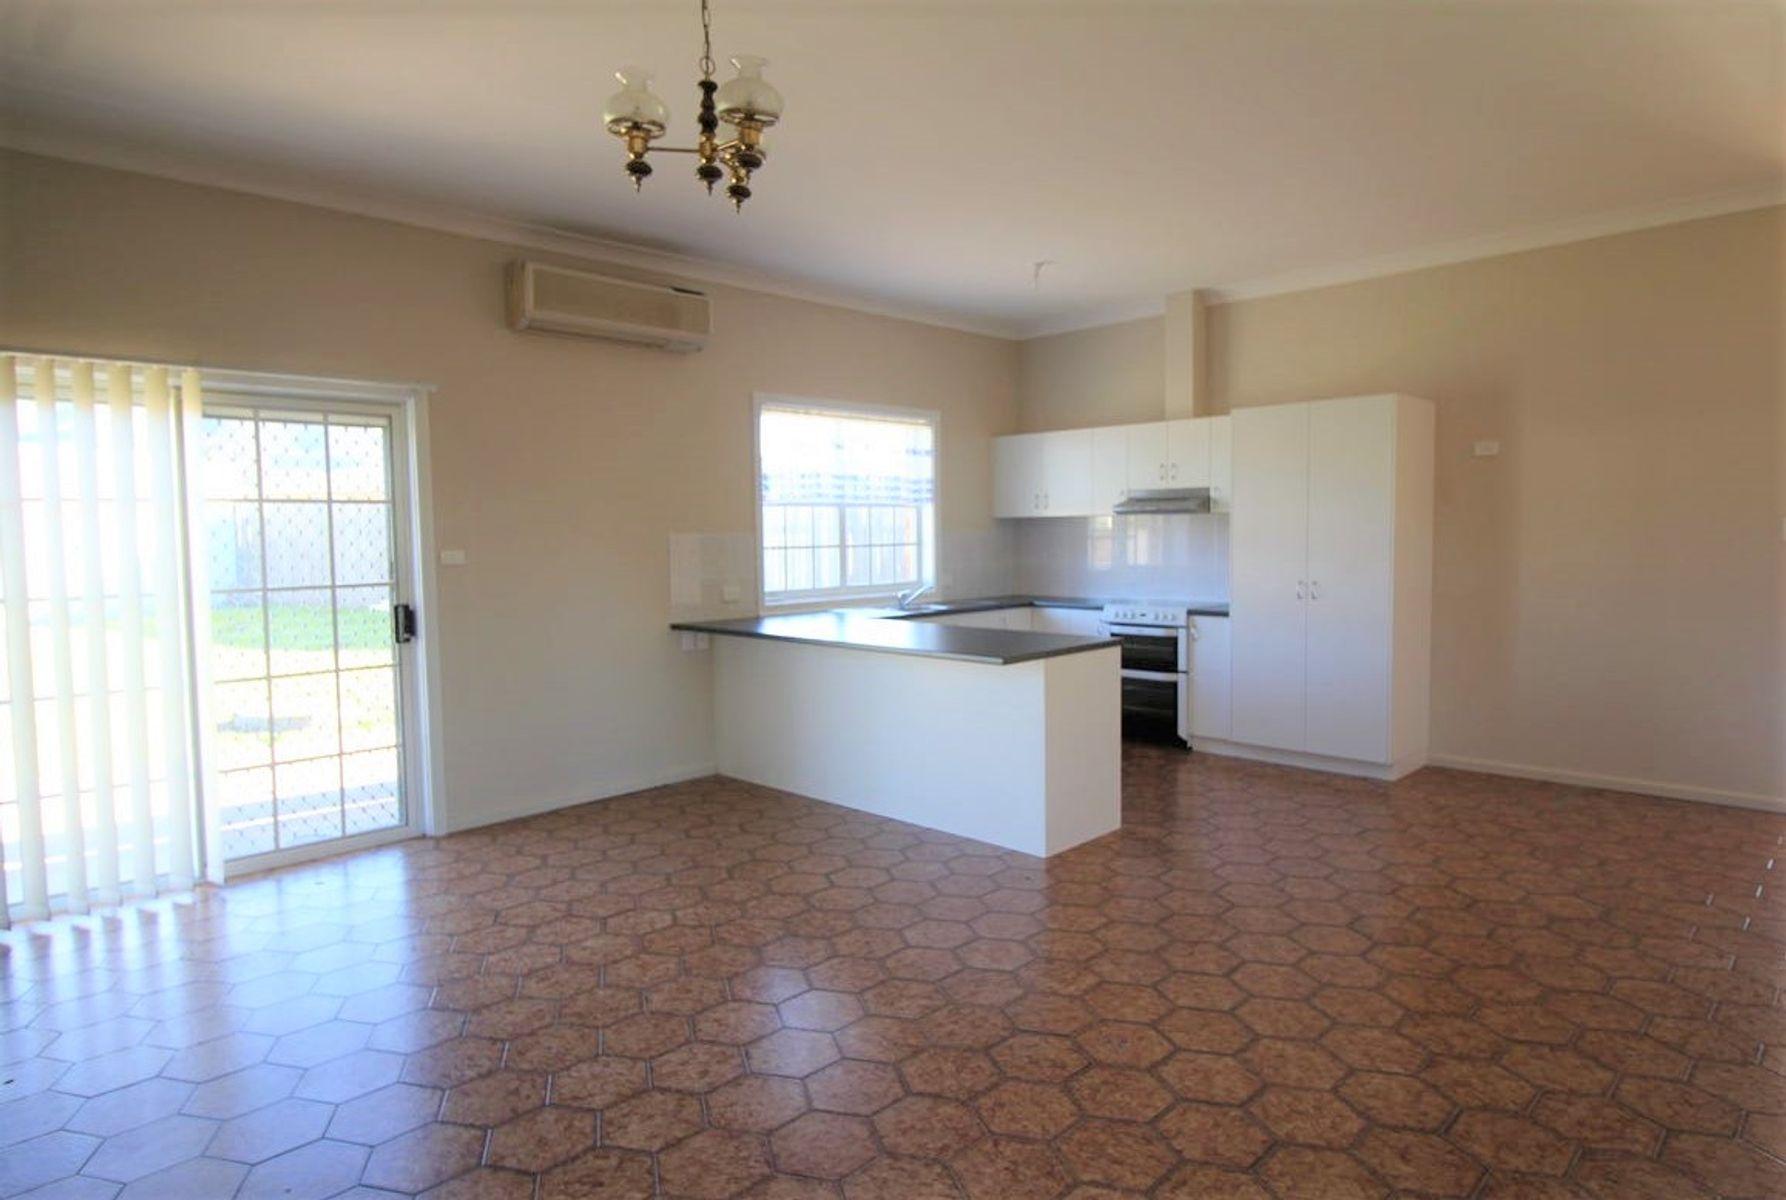 191 Market Street, Mudgee, NSW 2850